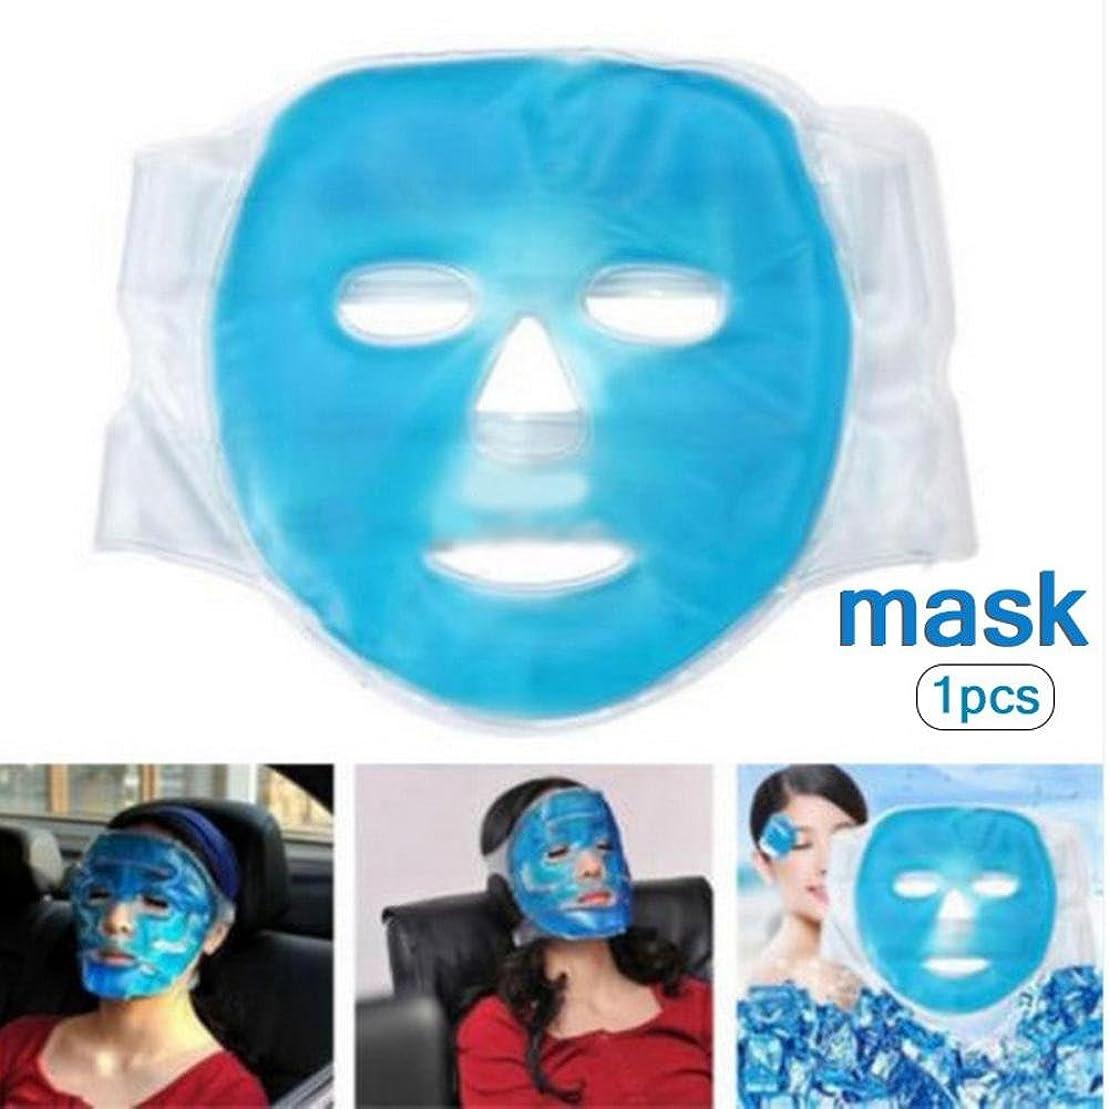 フレキシブルランク複数SILUN フェイスマスク 冷温兼用 美容用 再利用可能 毛細血管収縮 肌ケア 保湿 吸収しやすい 美容マッサージ アイスマスク